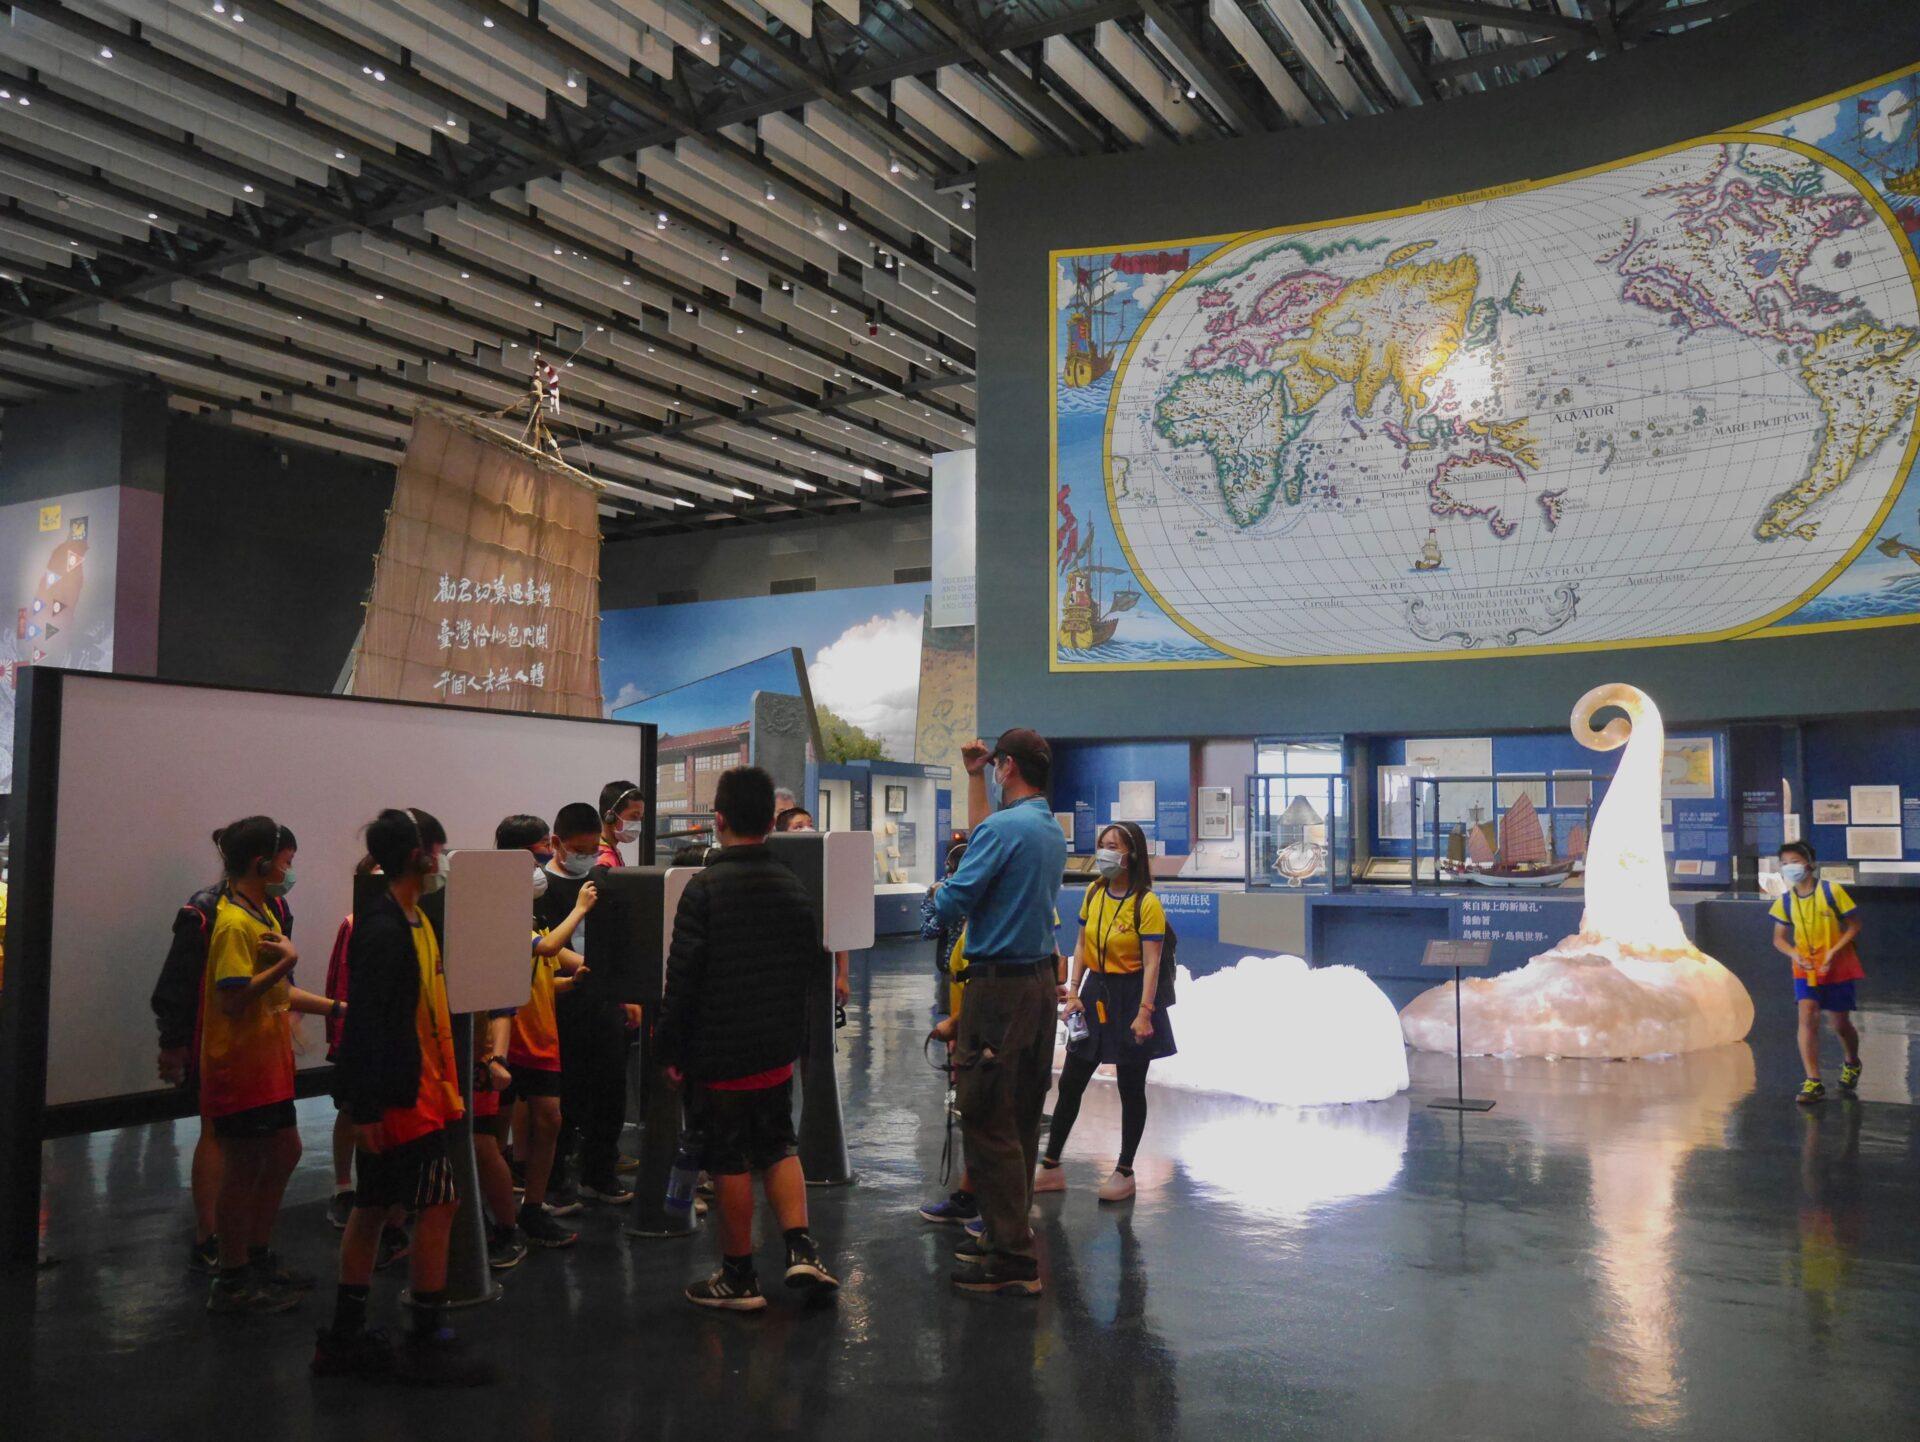 【博物之島專文】博物館展示製作的新觀點 ─評「臺史博」常設展「斯土斯民:臺灣的故事」(二)